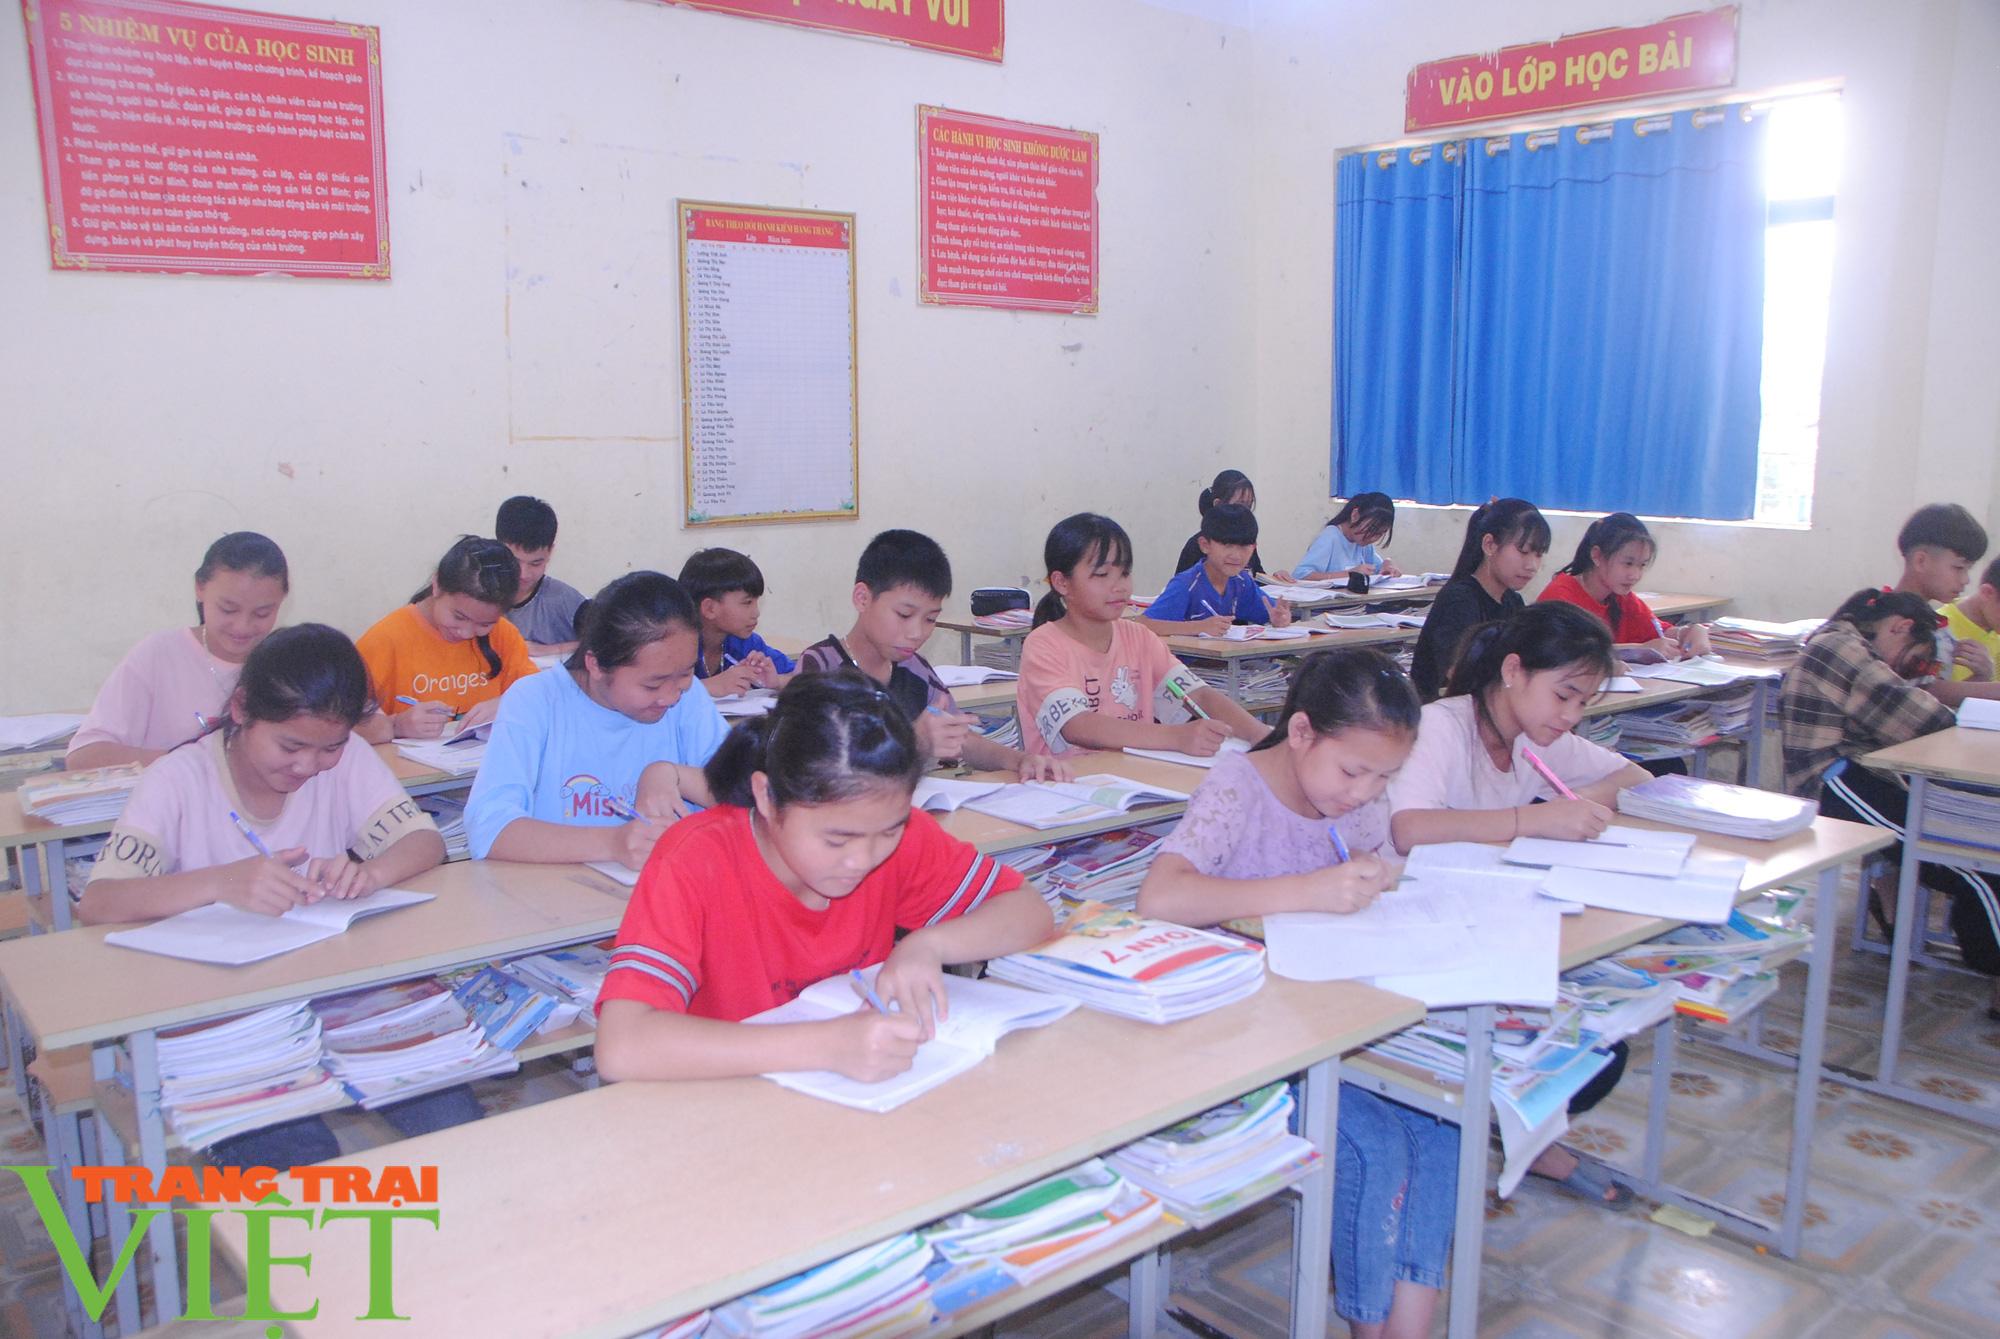 Trường PTDT Nội trú: Nơi chắp cánh ước mơ cho học sinh dân tộc - Ảnh 1.